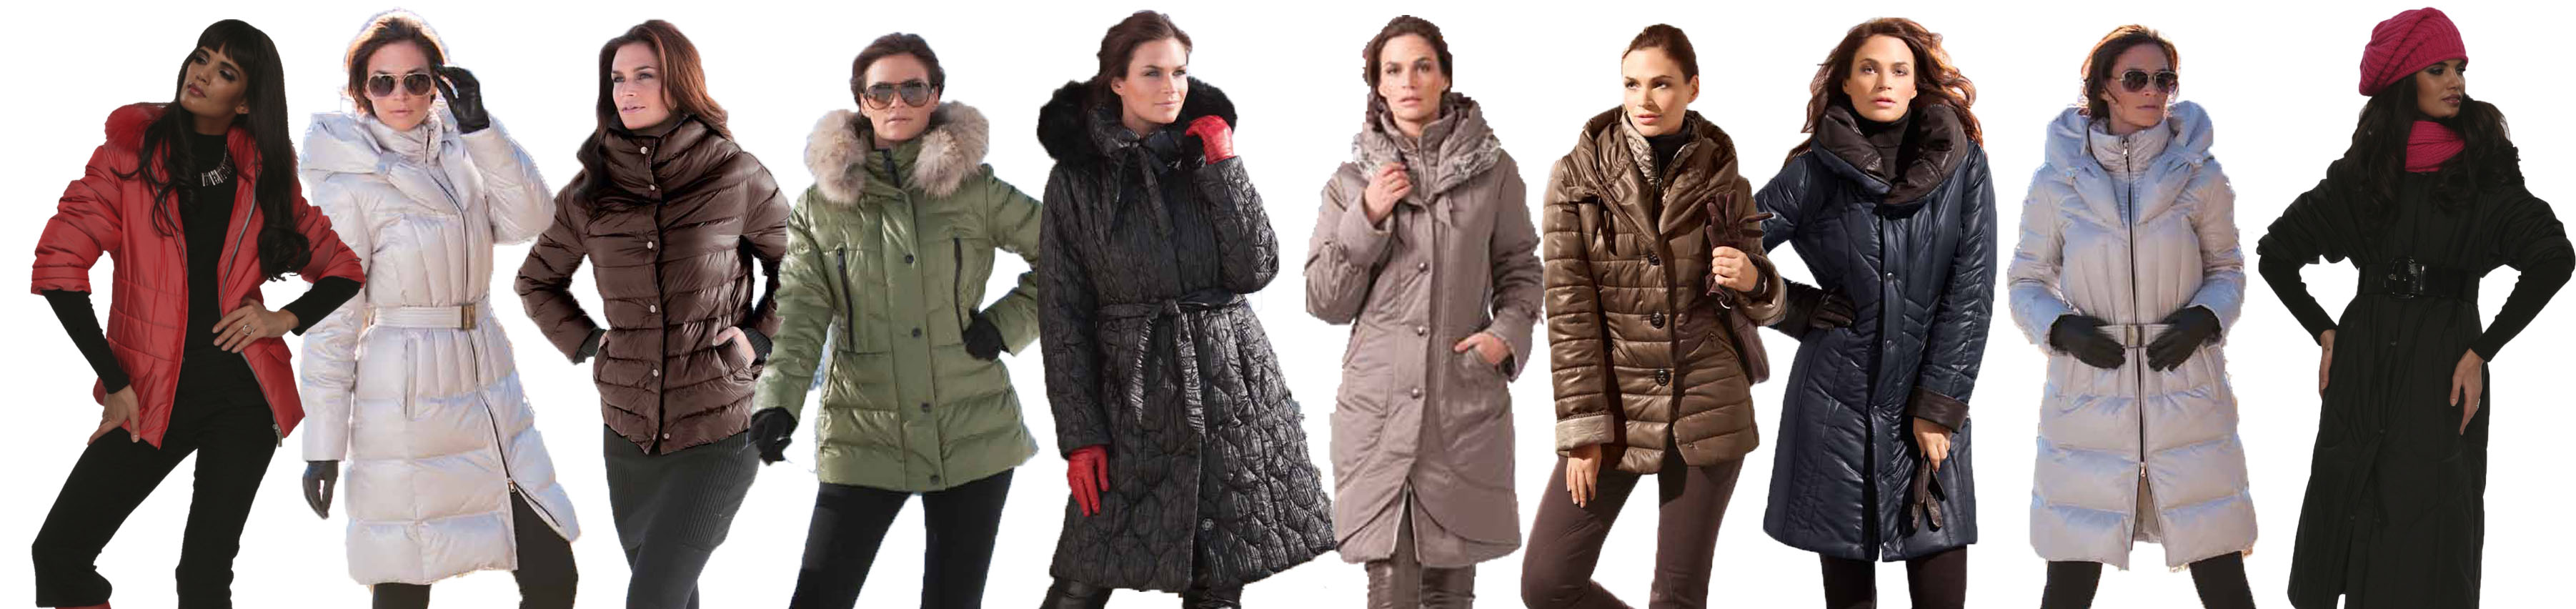 Зима – возможность для женщины подать себя в новом стиле